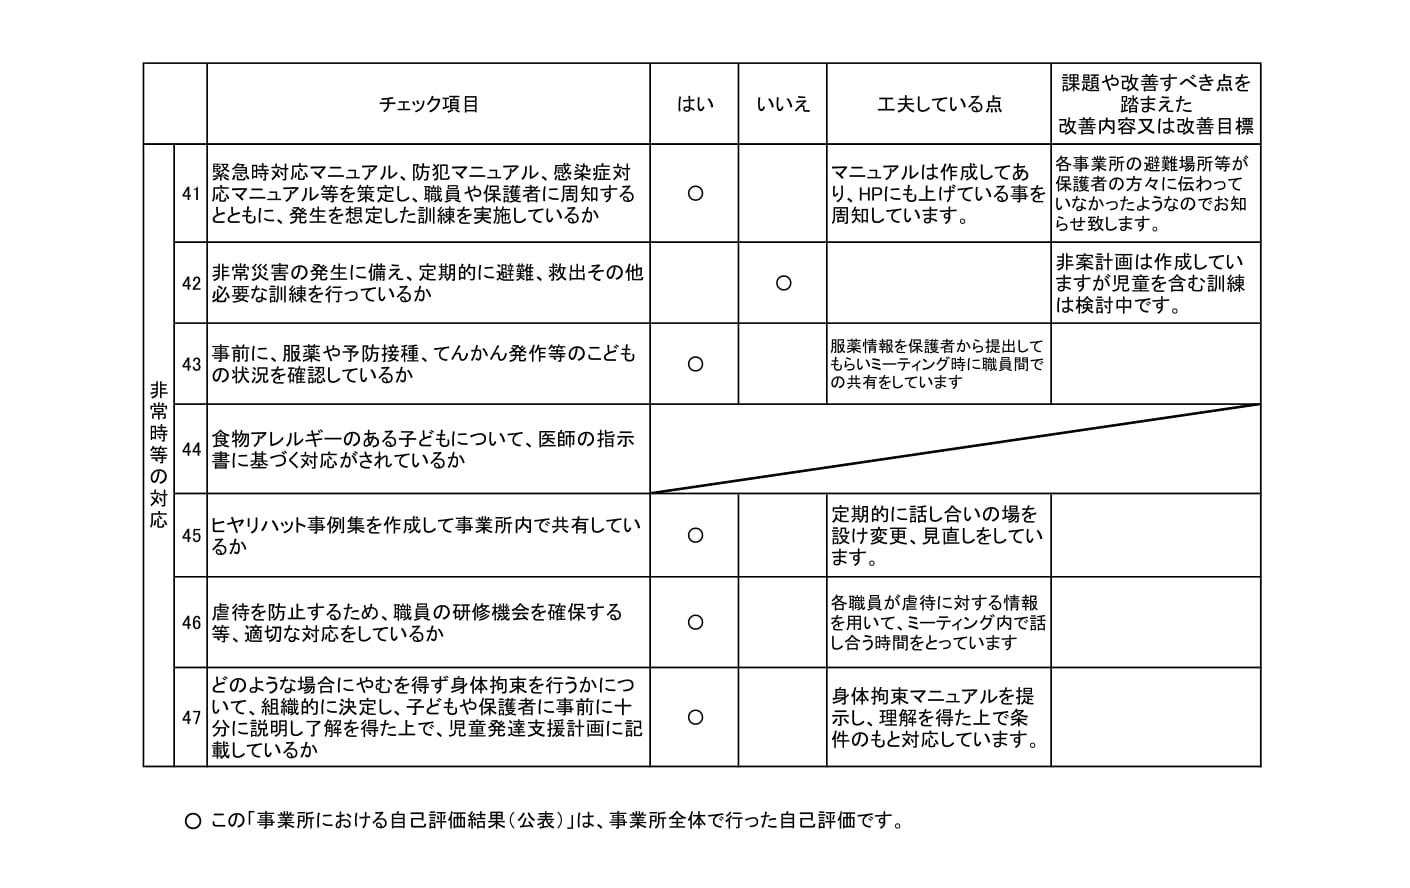 【児童発達支援】事業所における自己評価結果colorful-3